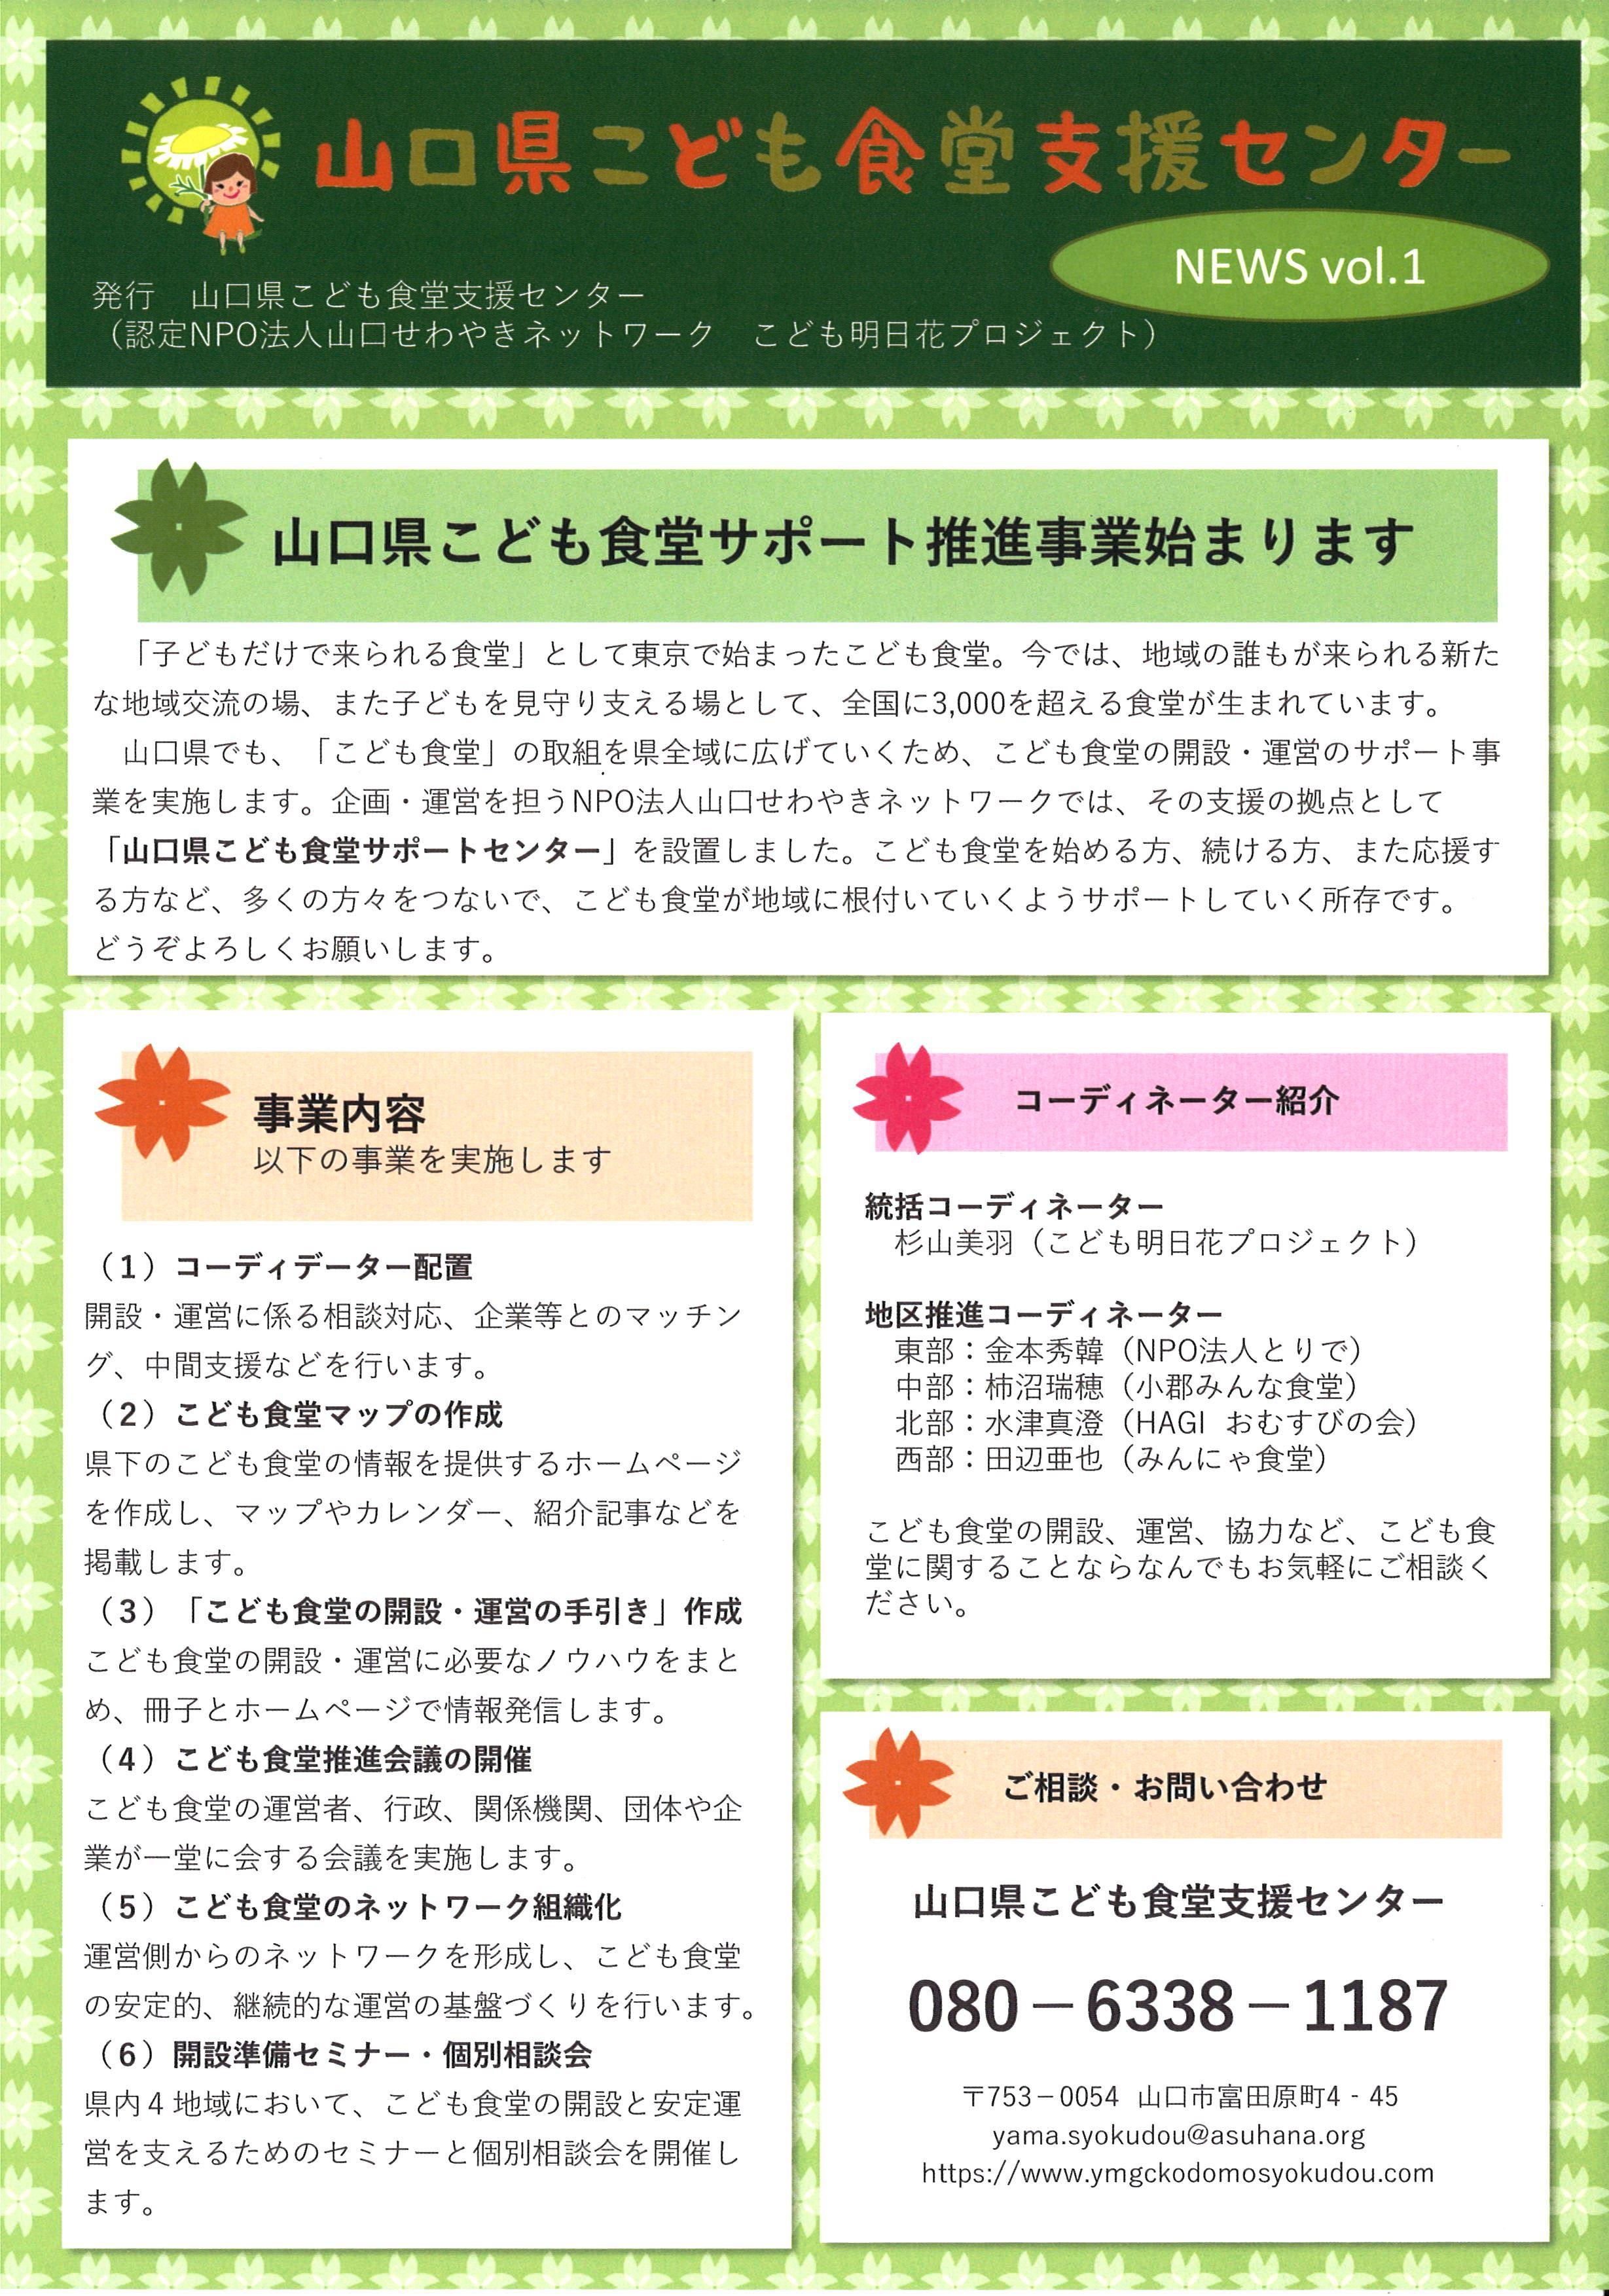 山口県こども食堂支援センターNEWS VOL.01